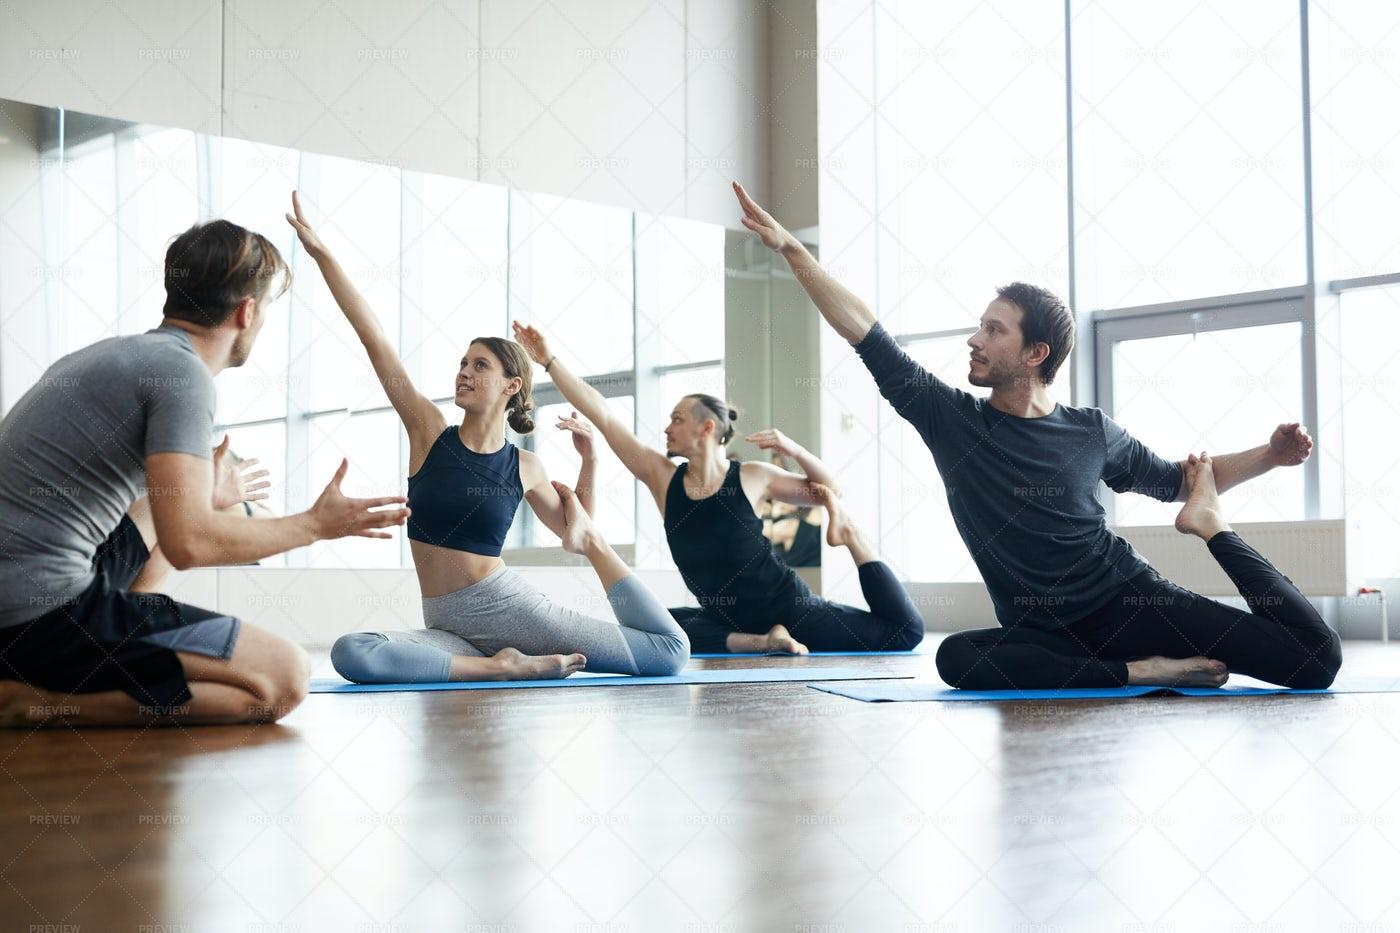 Yoga Coach Explaining How To Do...: Stock Photos